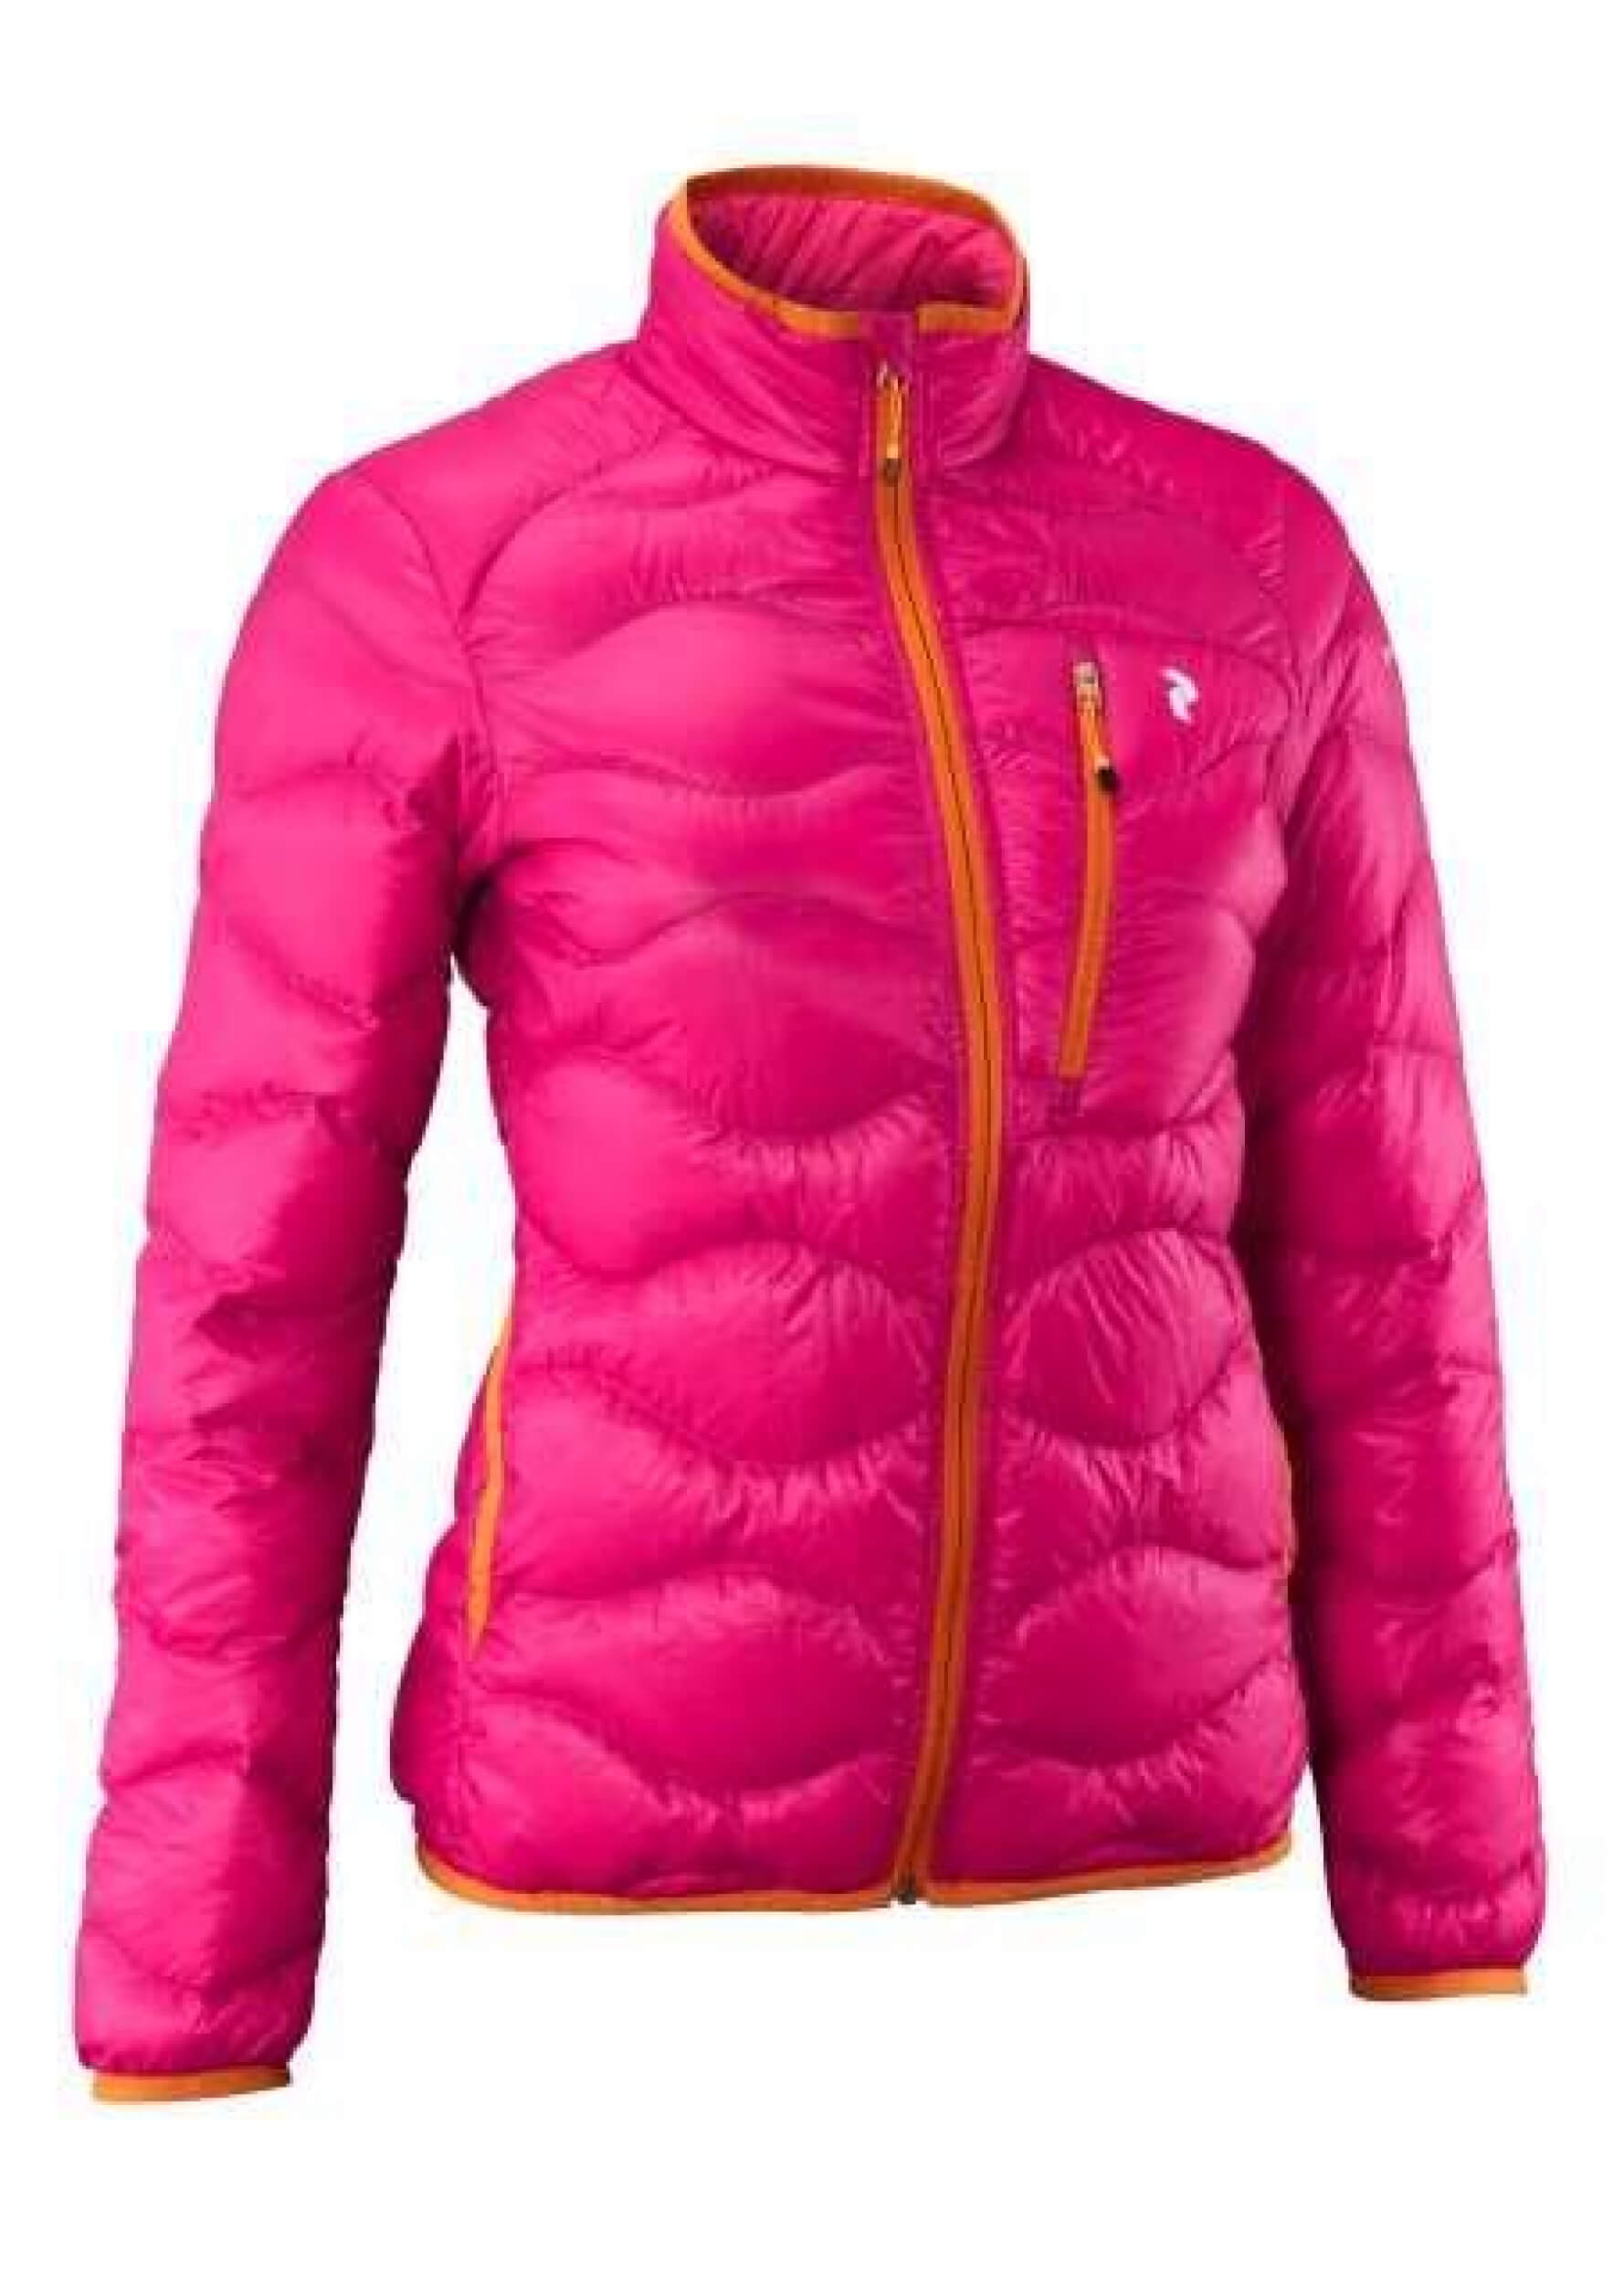 neue niedrigere Preise begehrteste Mode modernes Design Peak Performance Damen Outdoor Steppjacke Helium pink 59U Gr.XS neu   eBay